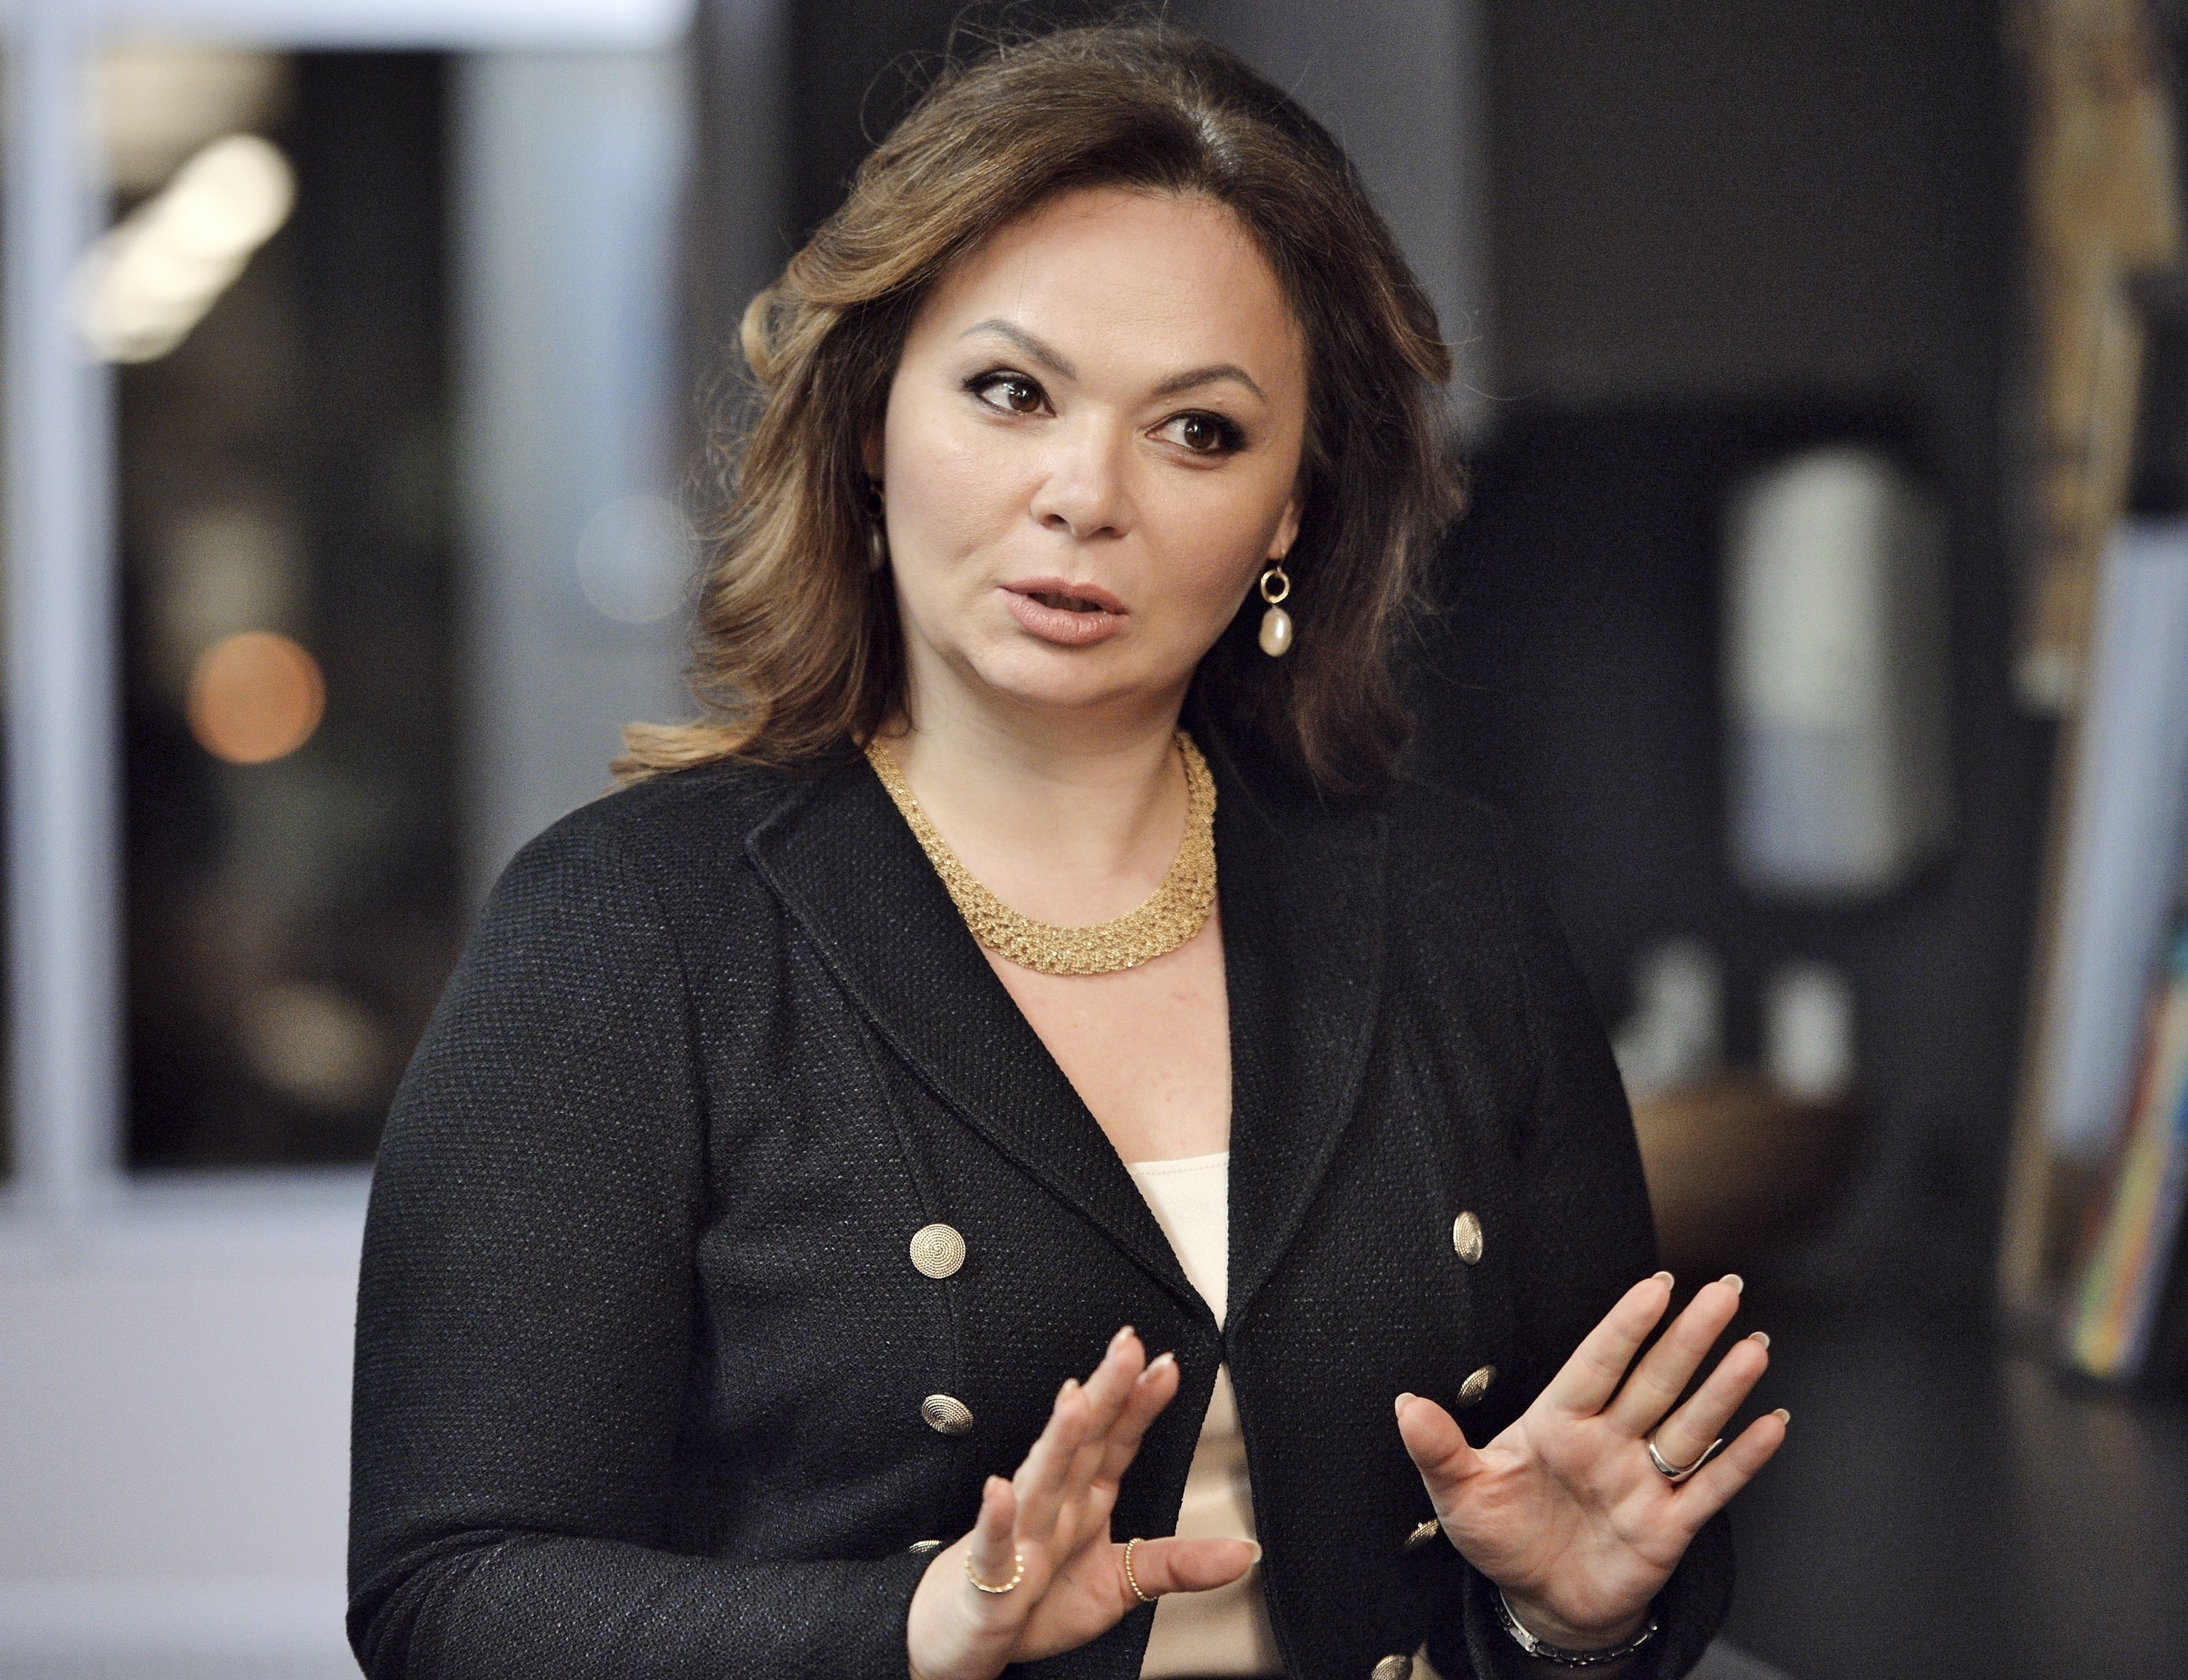 Image: Natalia Veselnitskaya